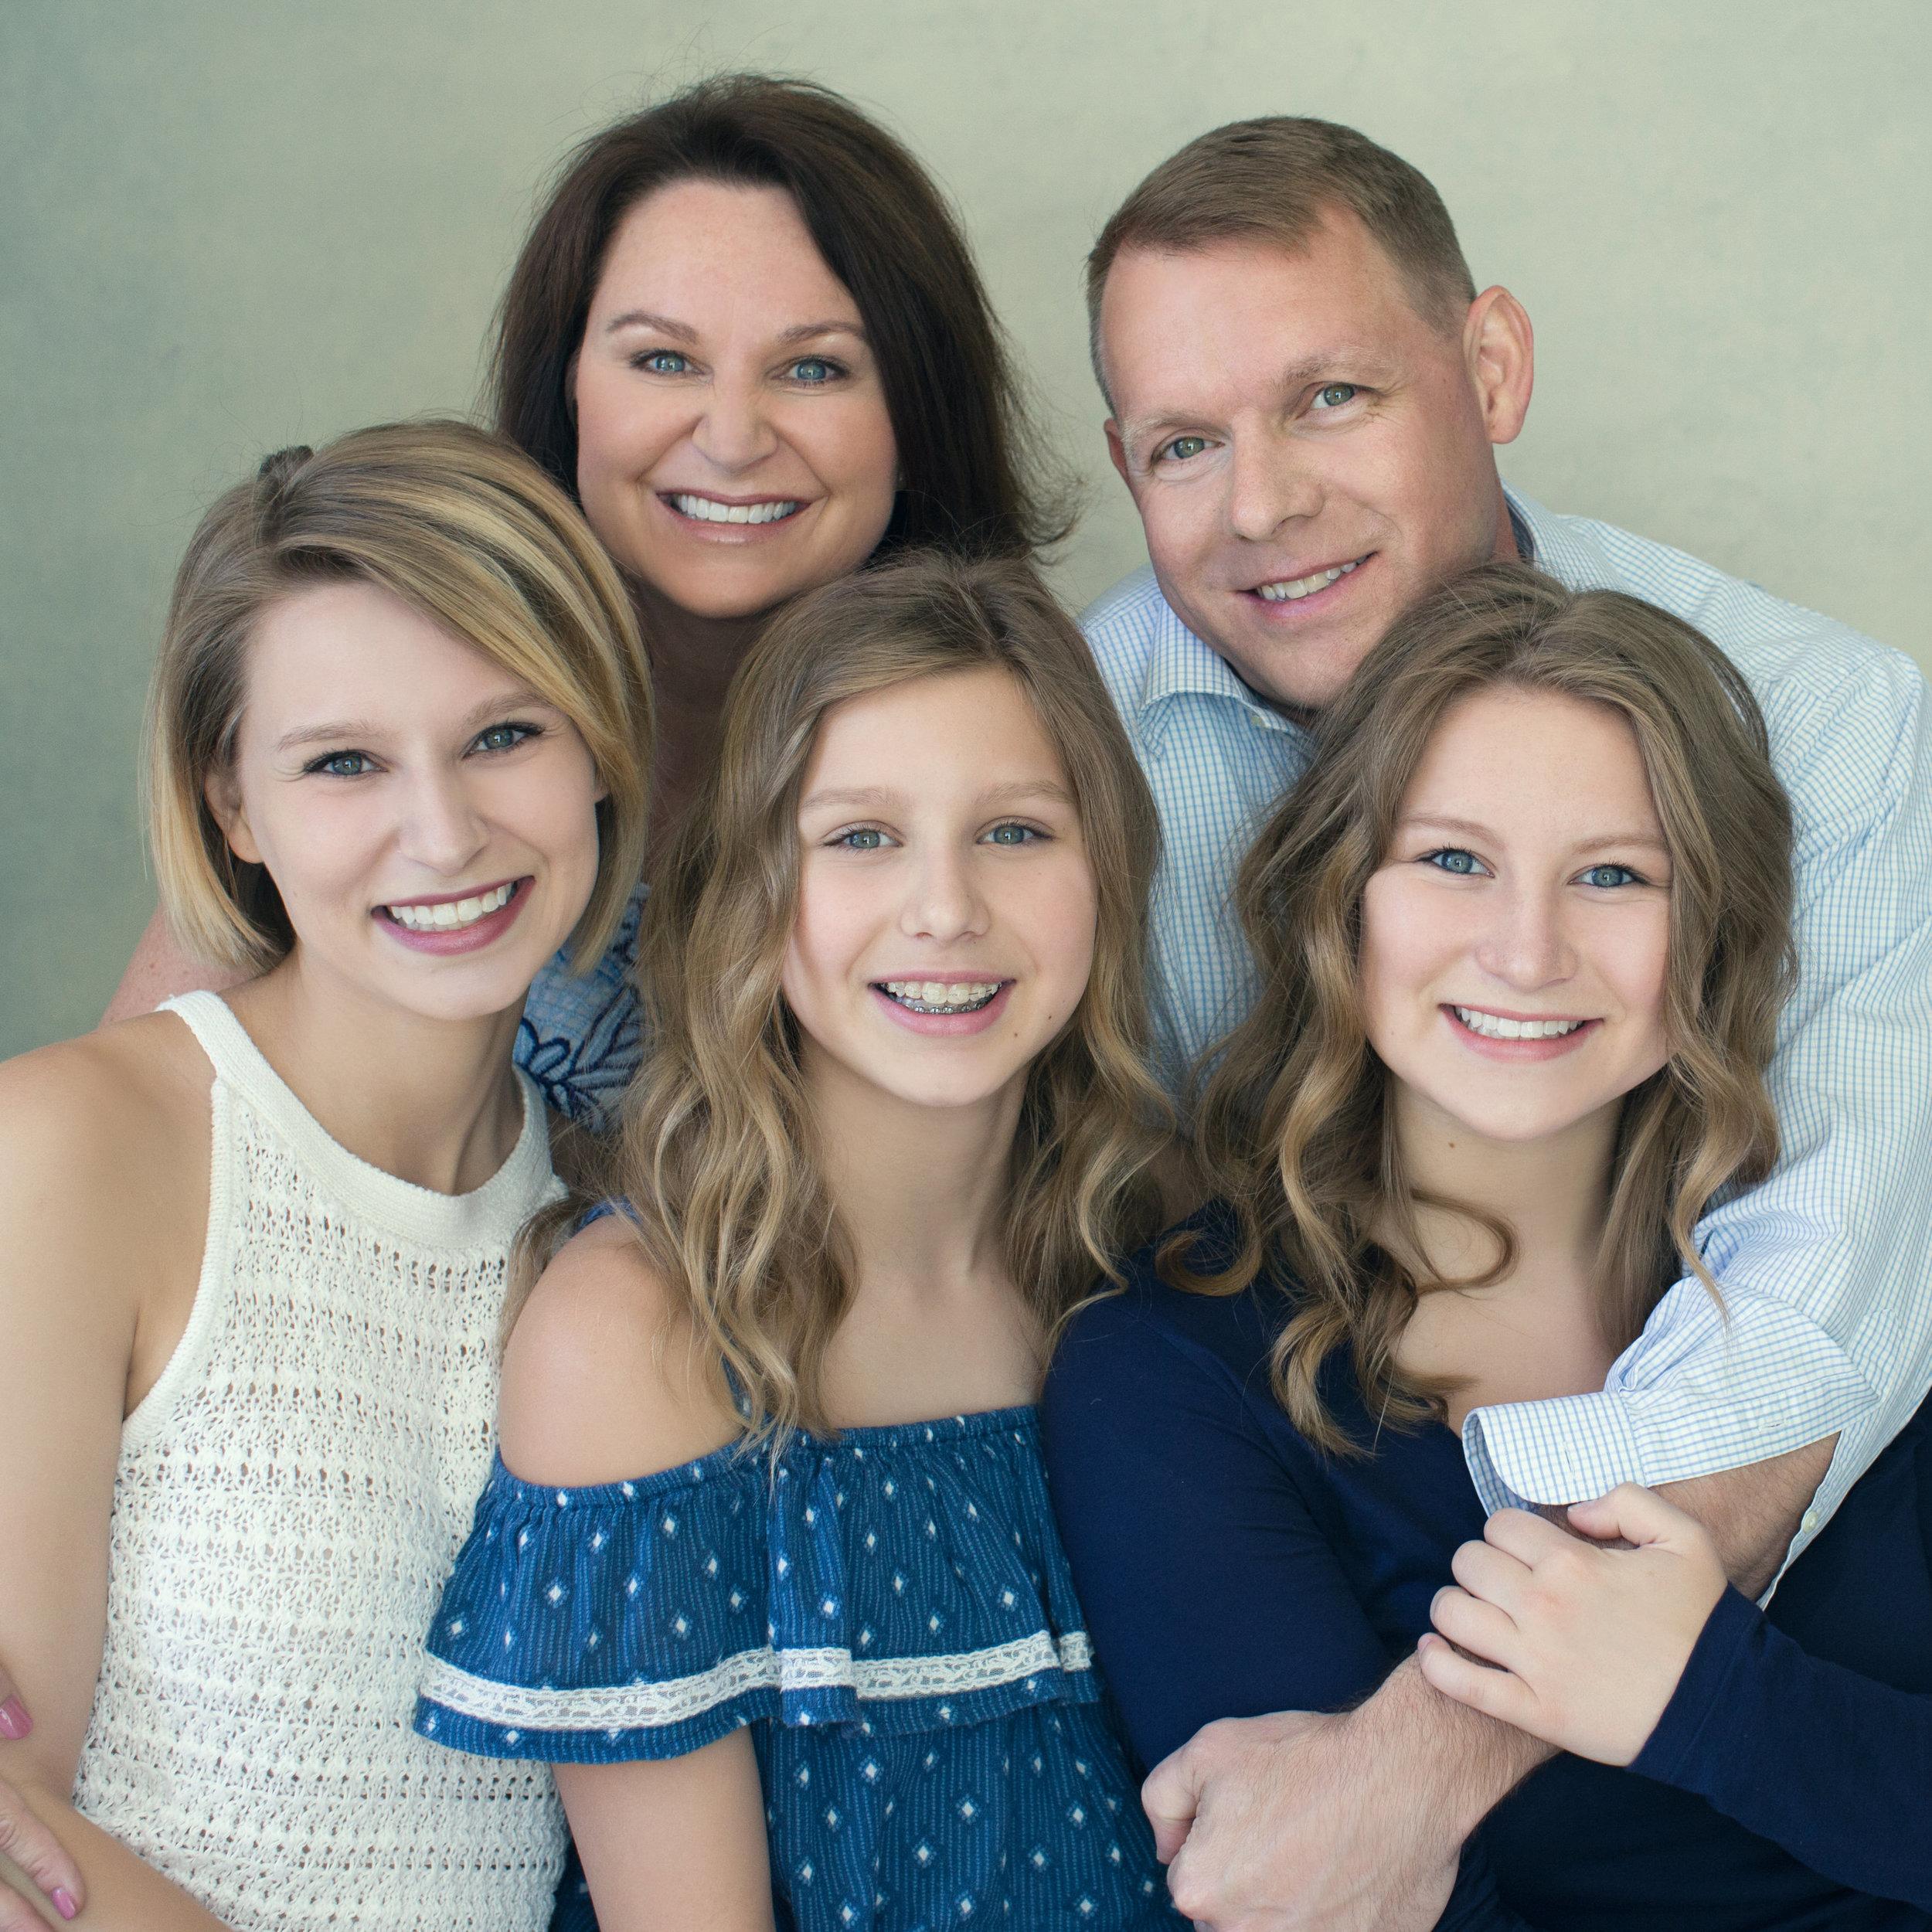 fotograf fur familie starnberg.jpg